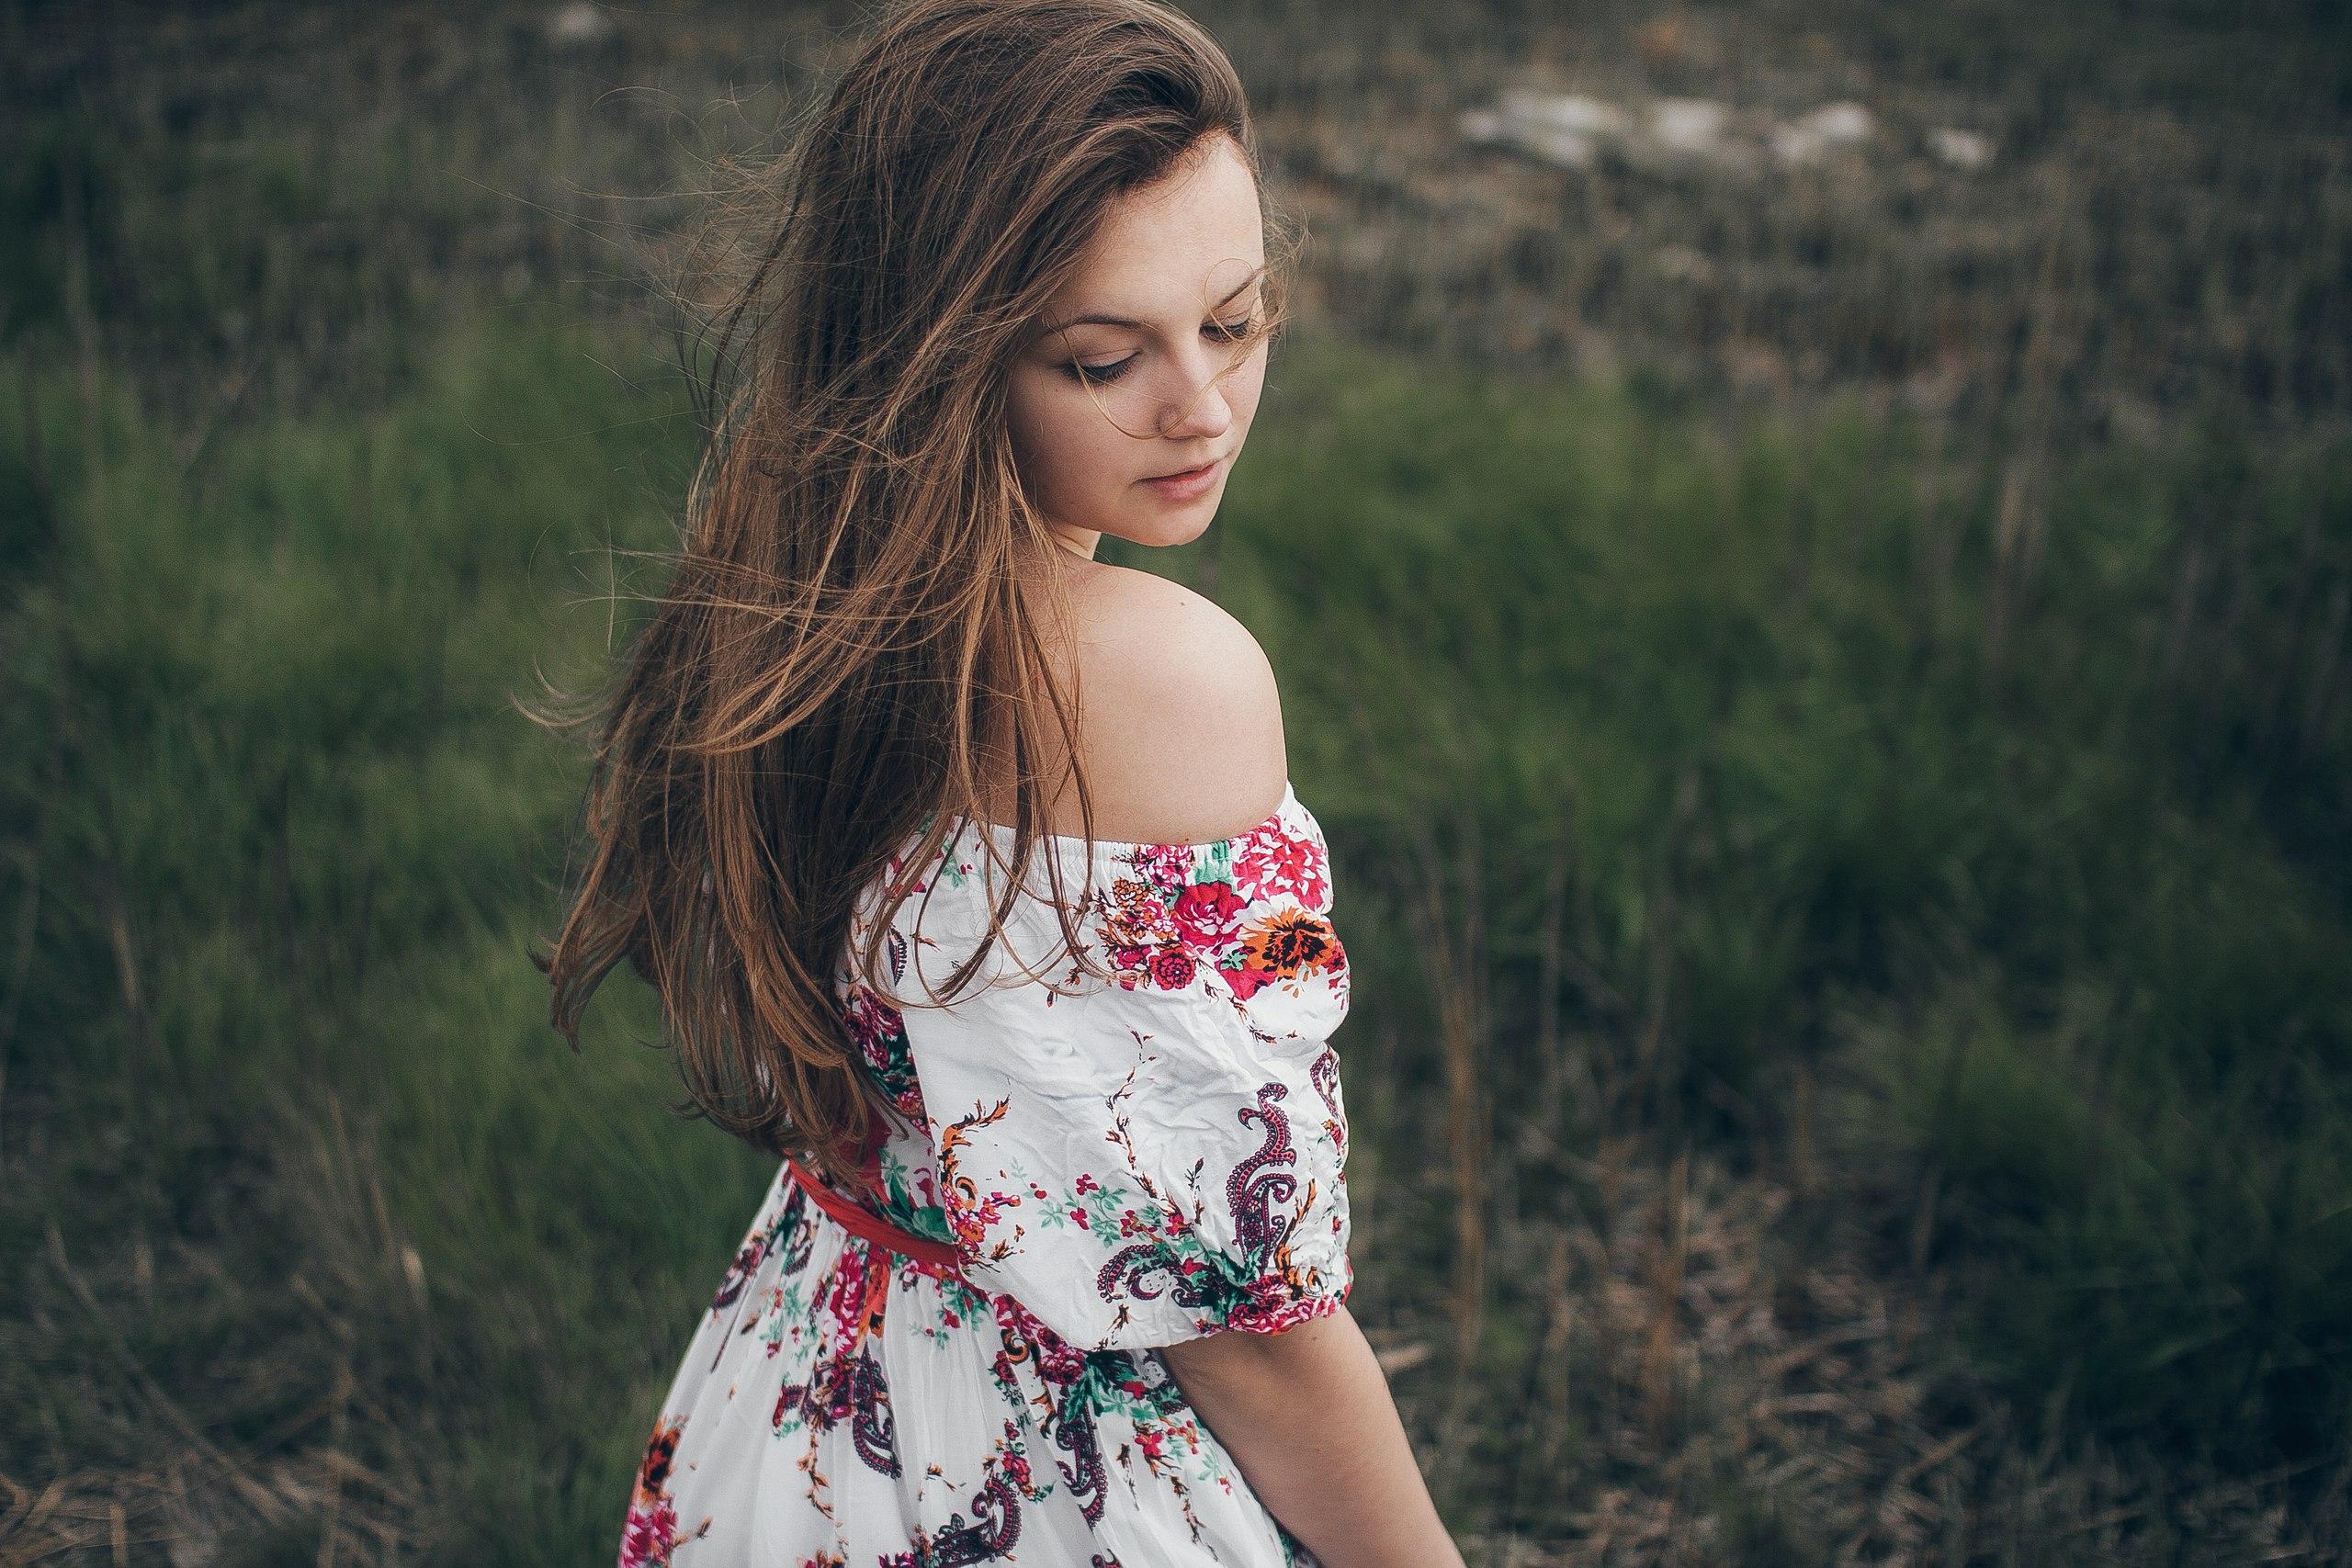 Girl Portrait In Depth Of Field, HD Girls, 4k Wallpapers